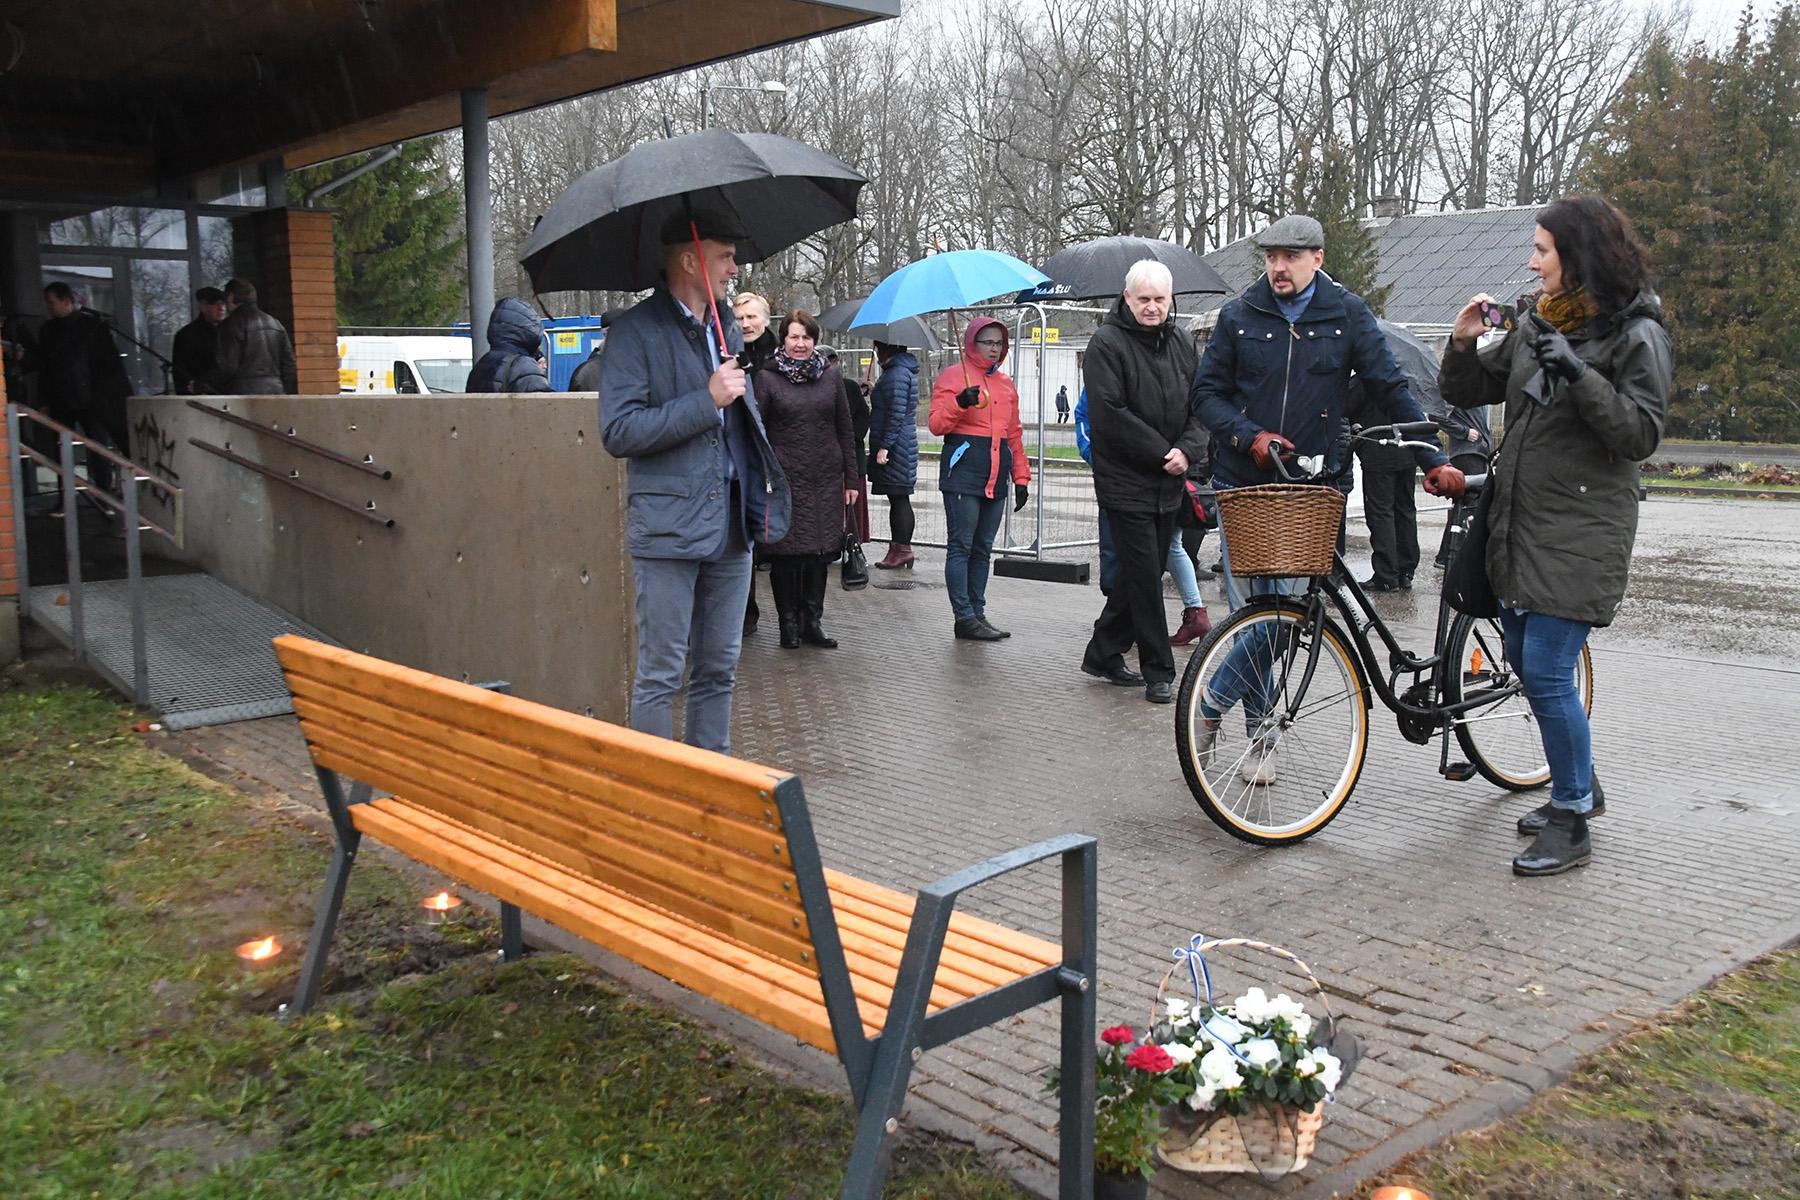 Tiit Tarlapi mälestuspingi avapäeval Sindis. Foto Urmas Saard